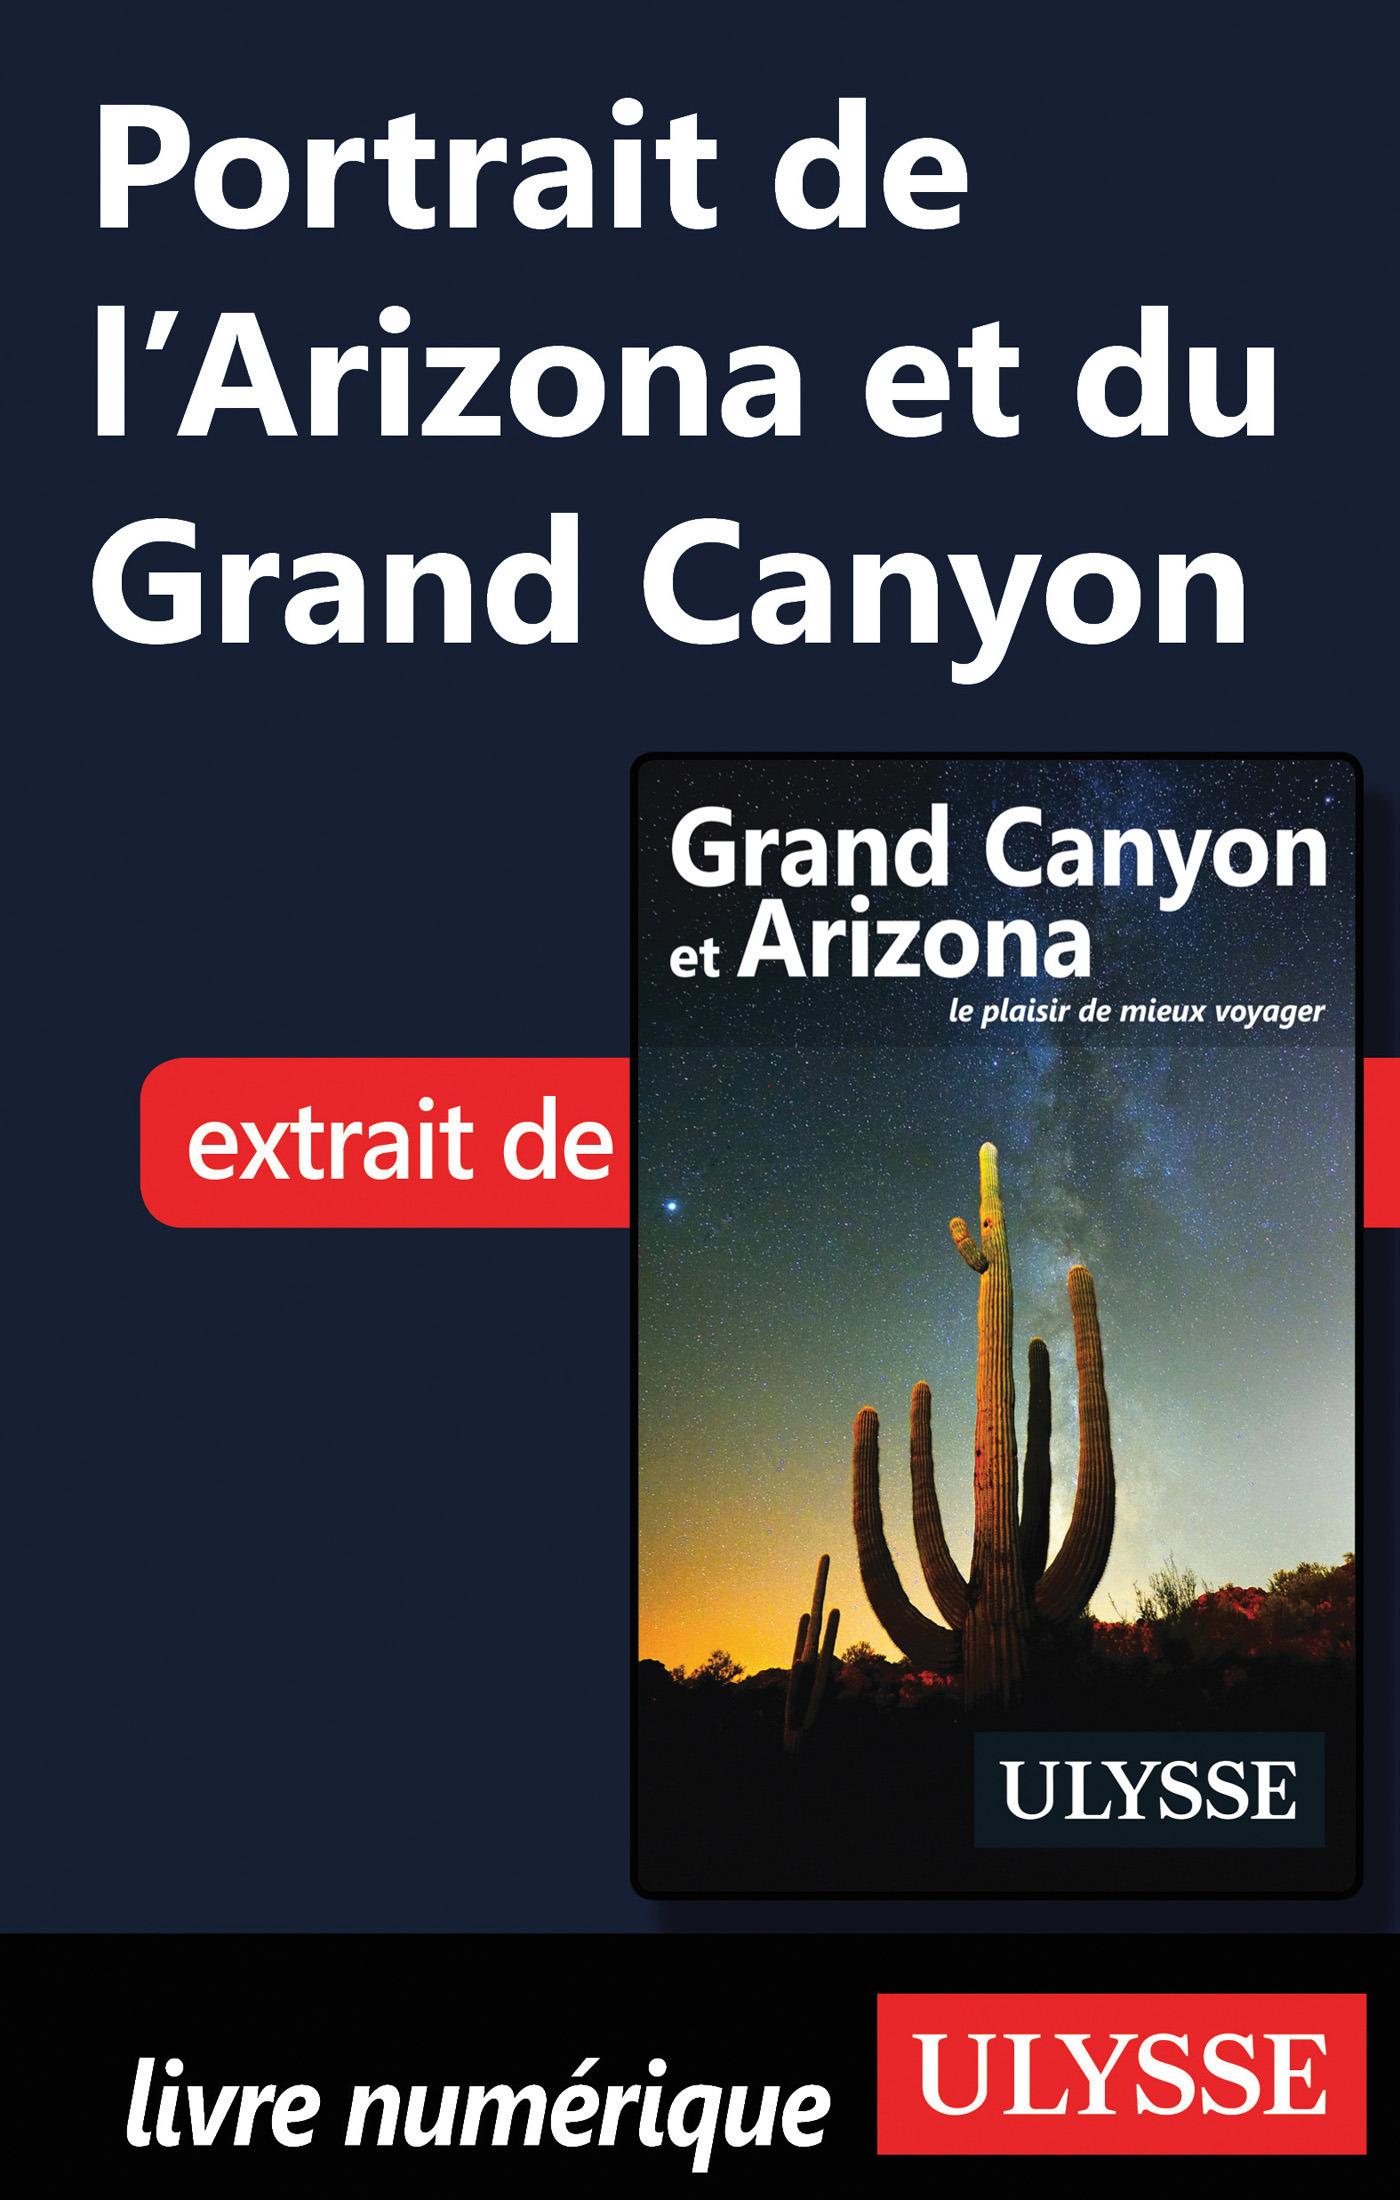 Portrait de l'Arizona et du Grand Canyon